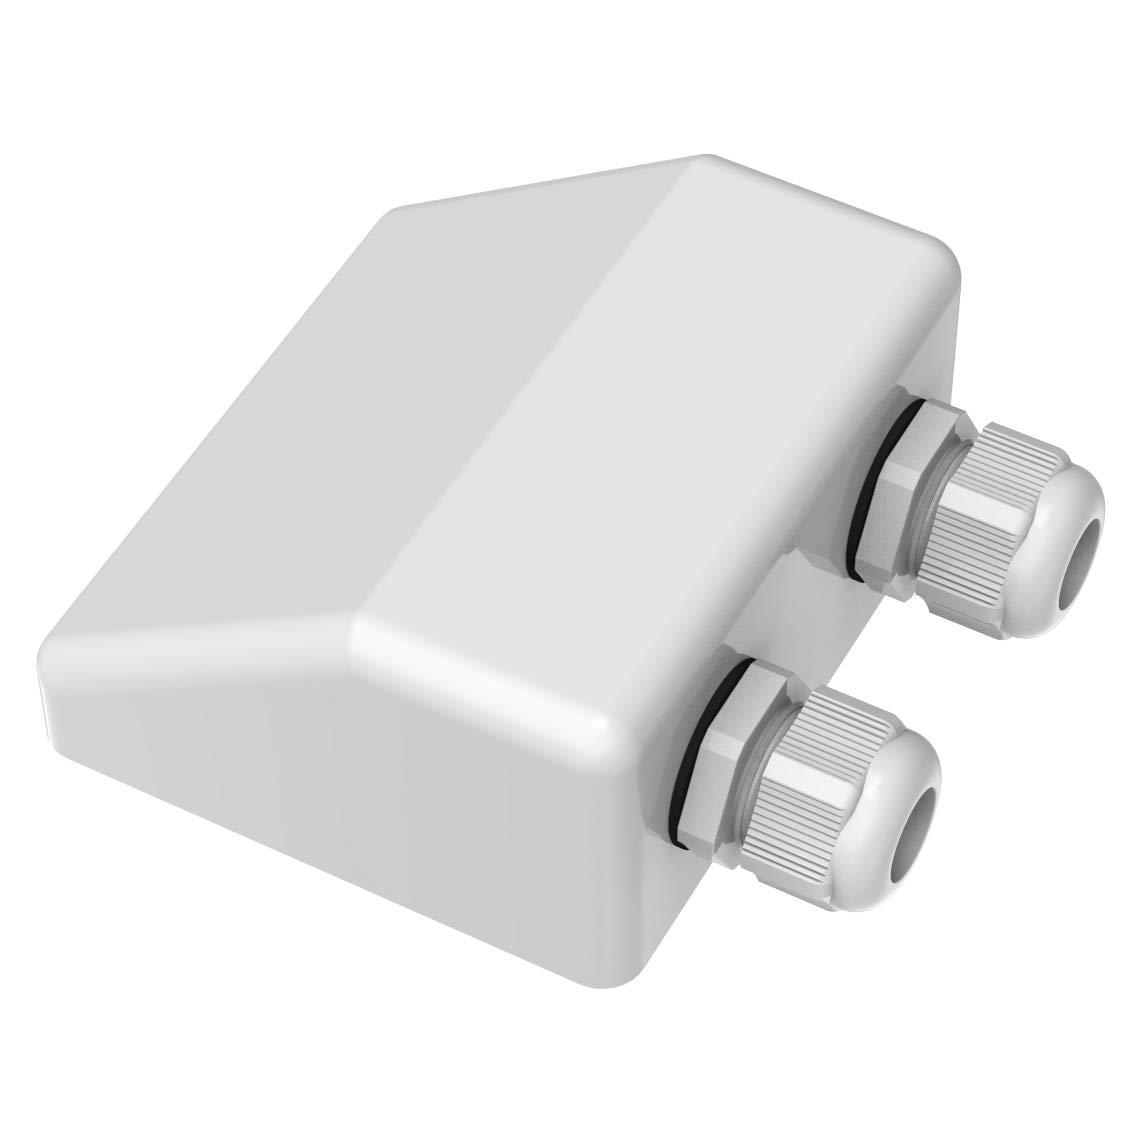 ALLPOWERS Doble Glándula Entrada de Cable Premium ABS Techo ...